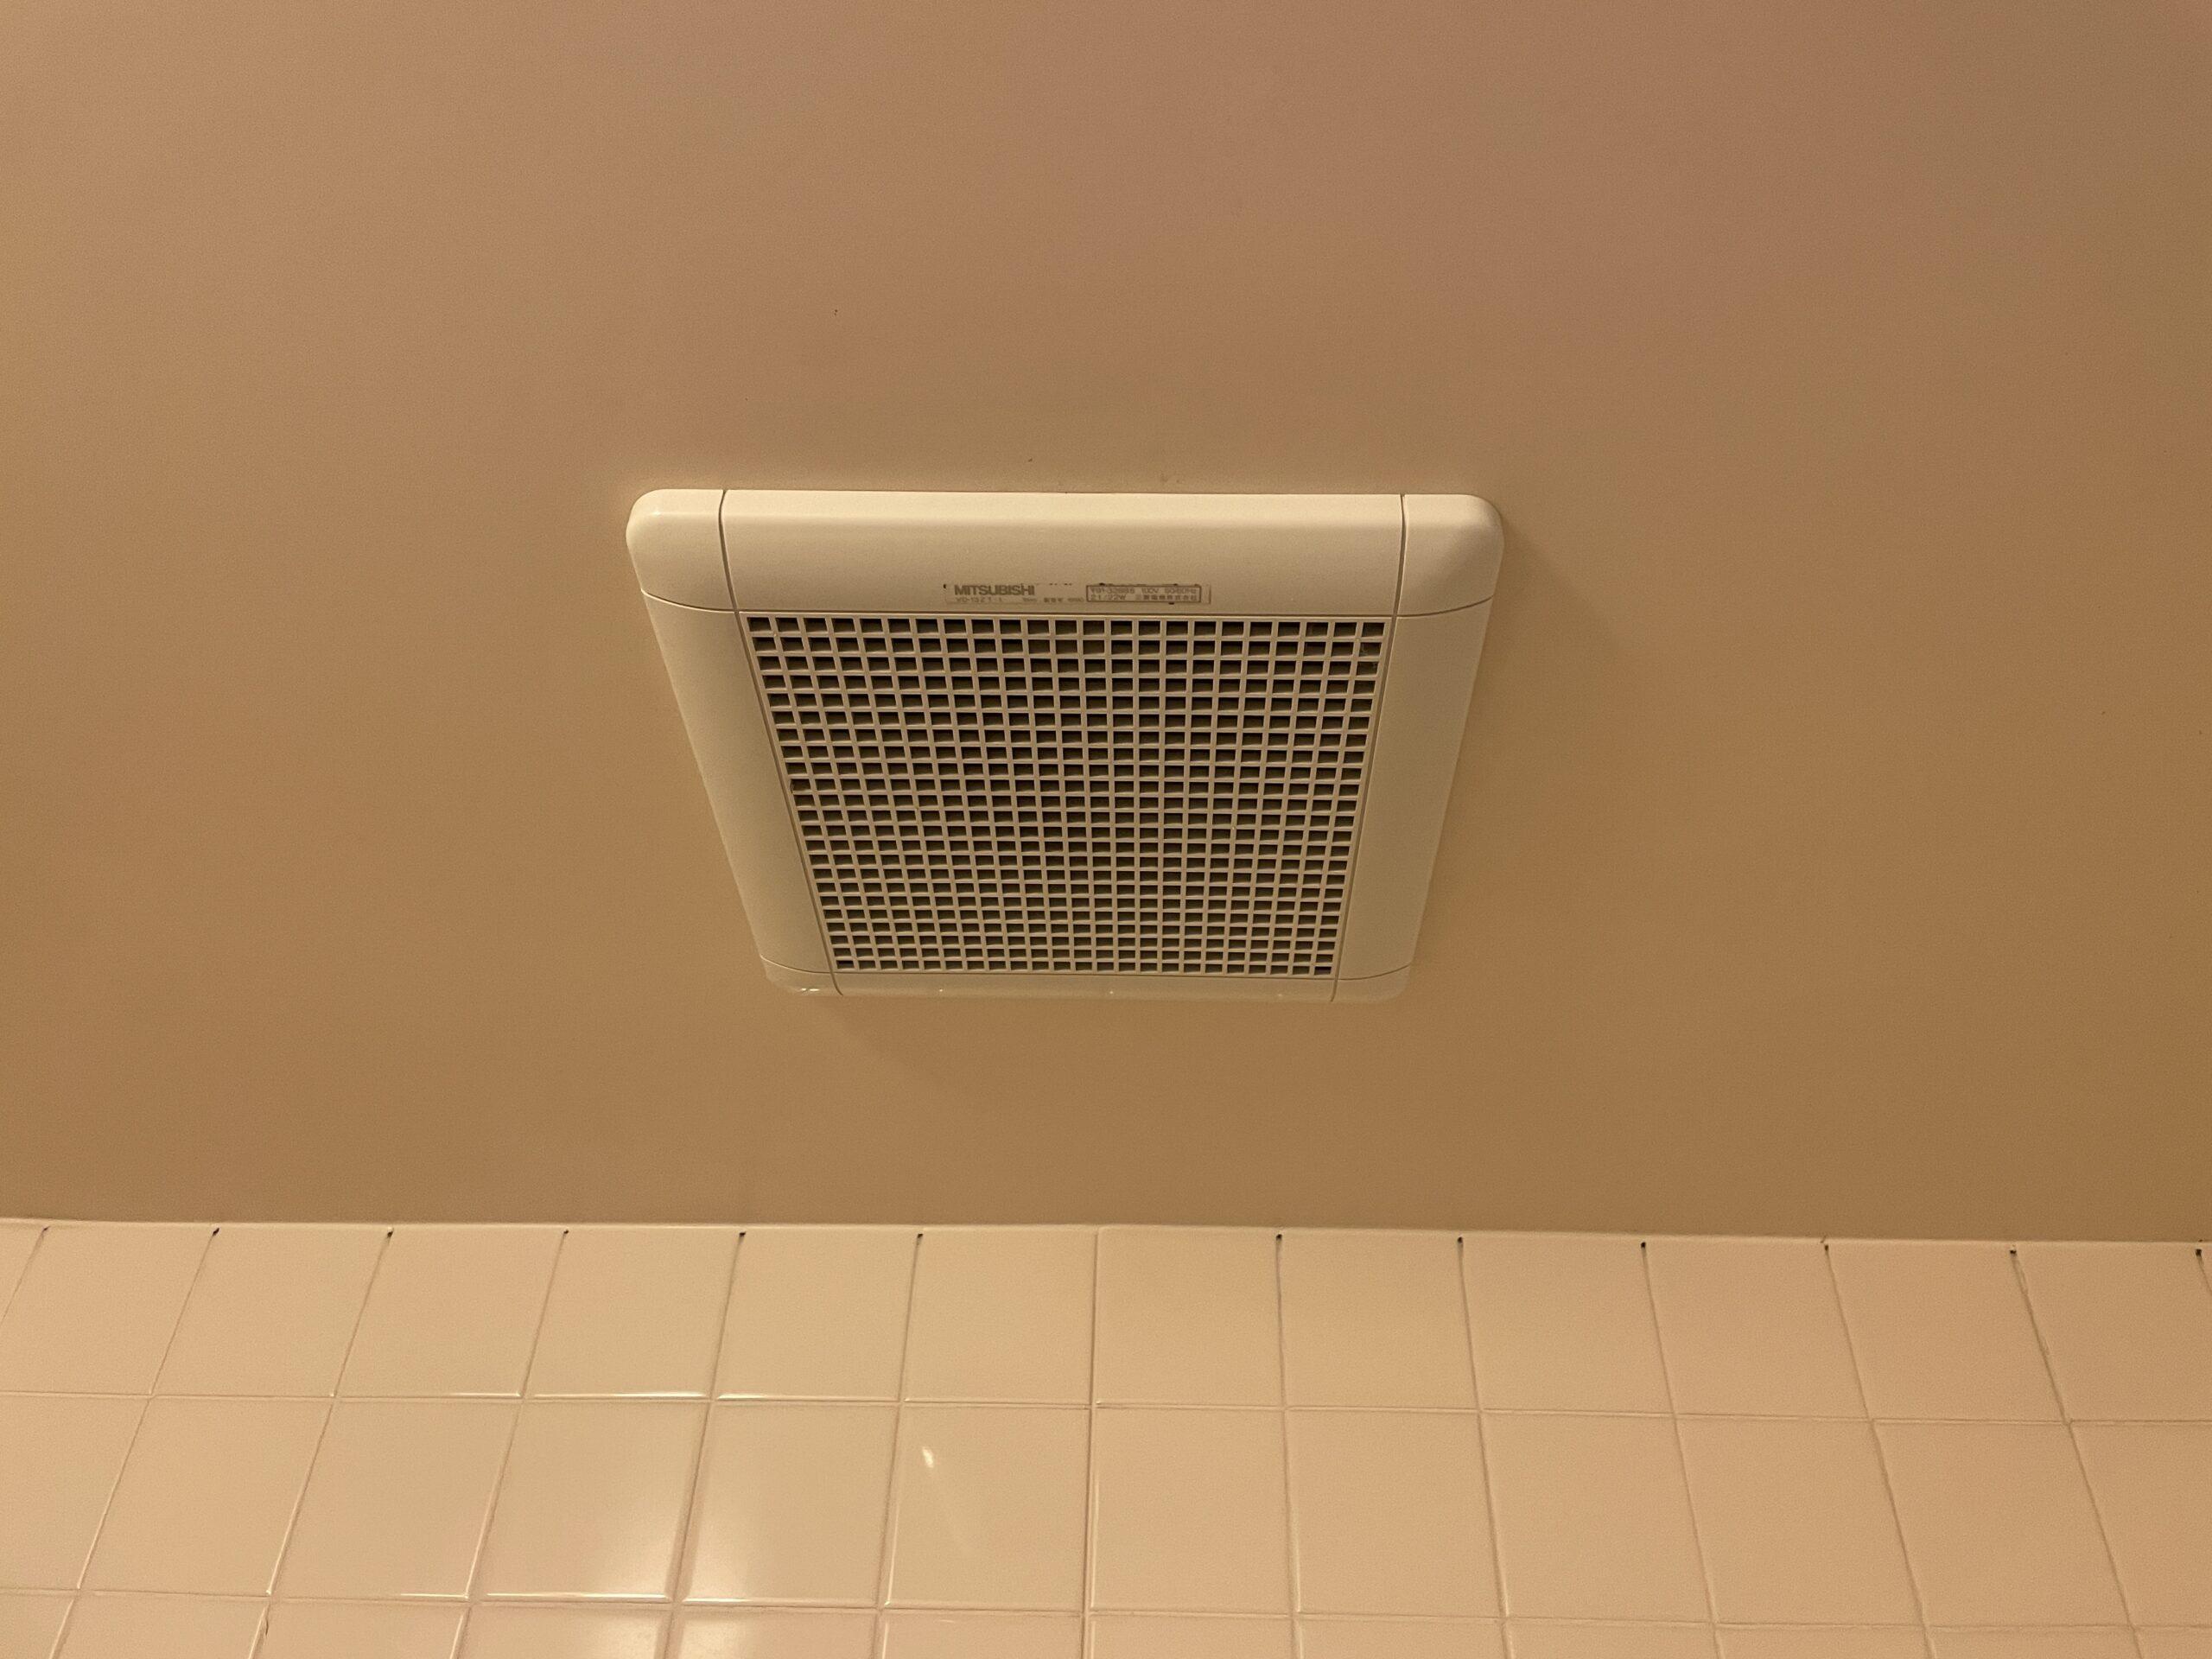 東住吉区 浴室用換気扇 施工前①